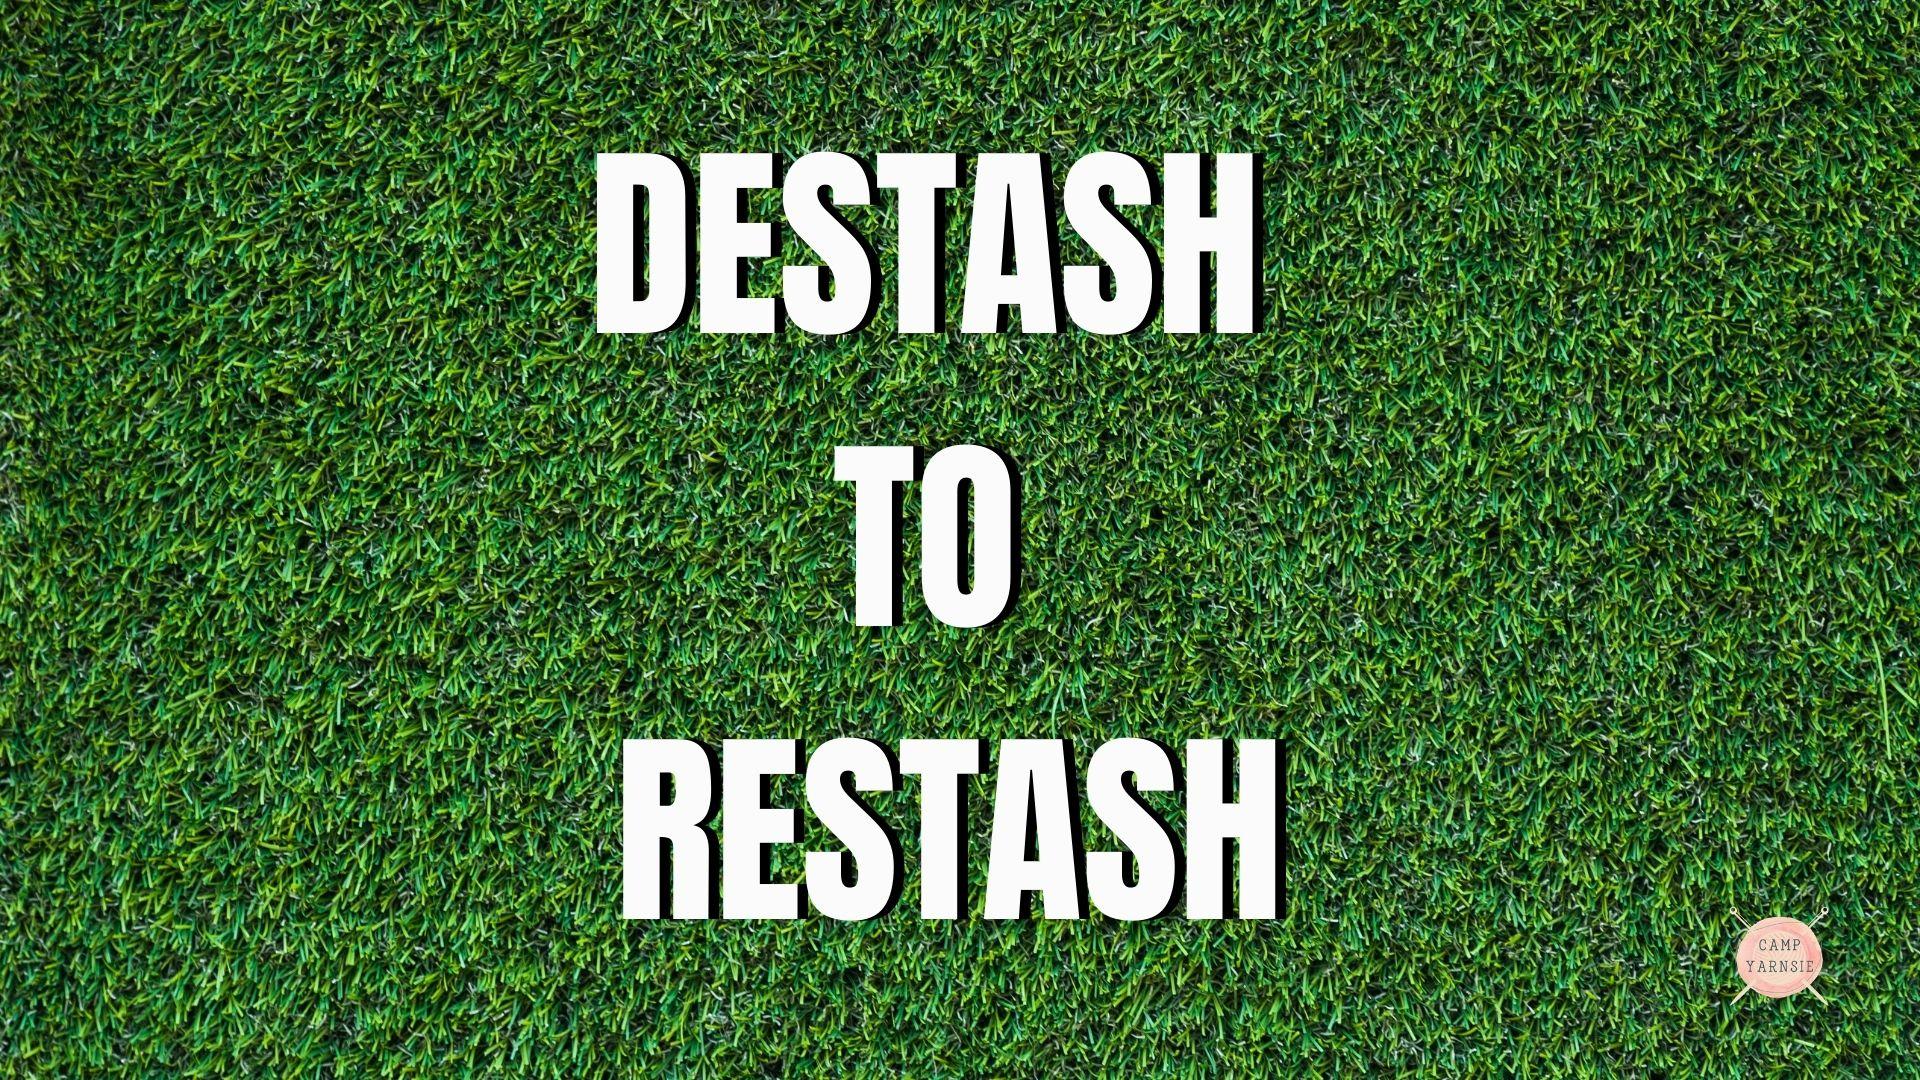 Destash to Restash